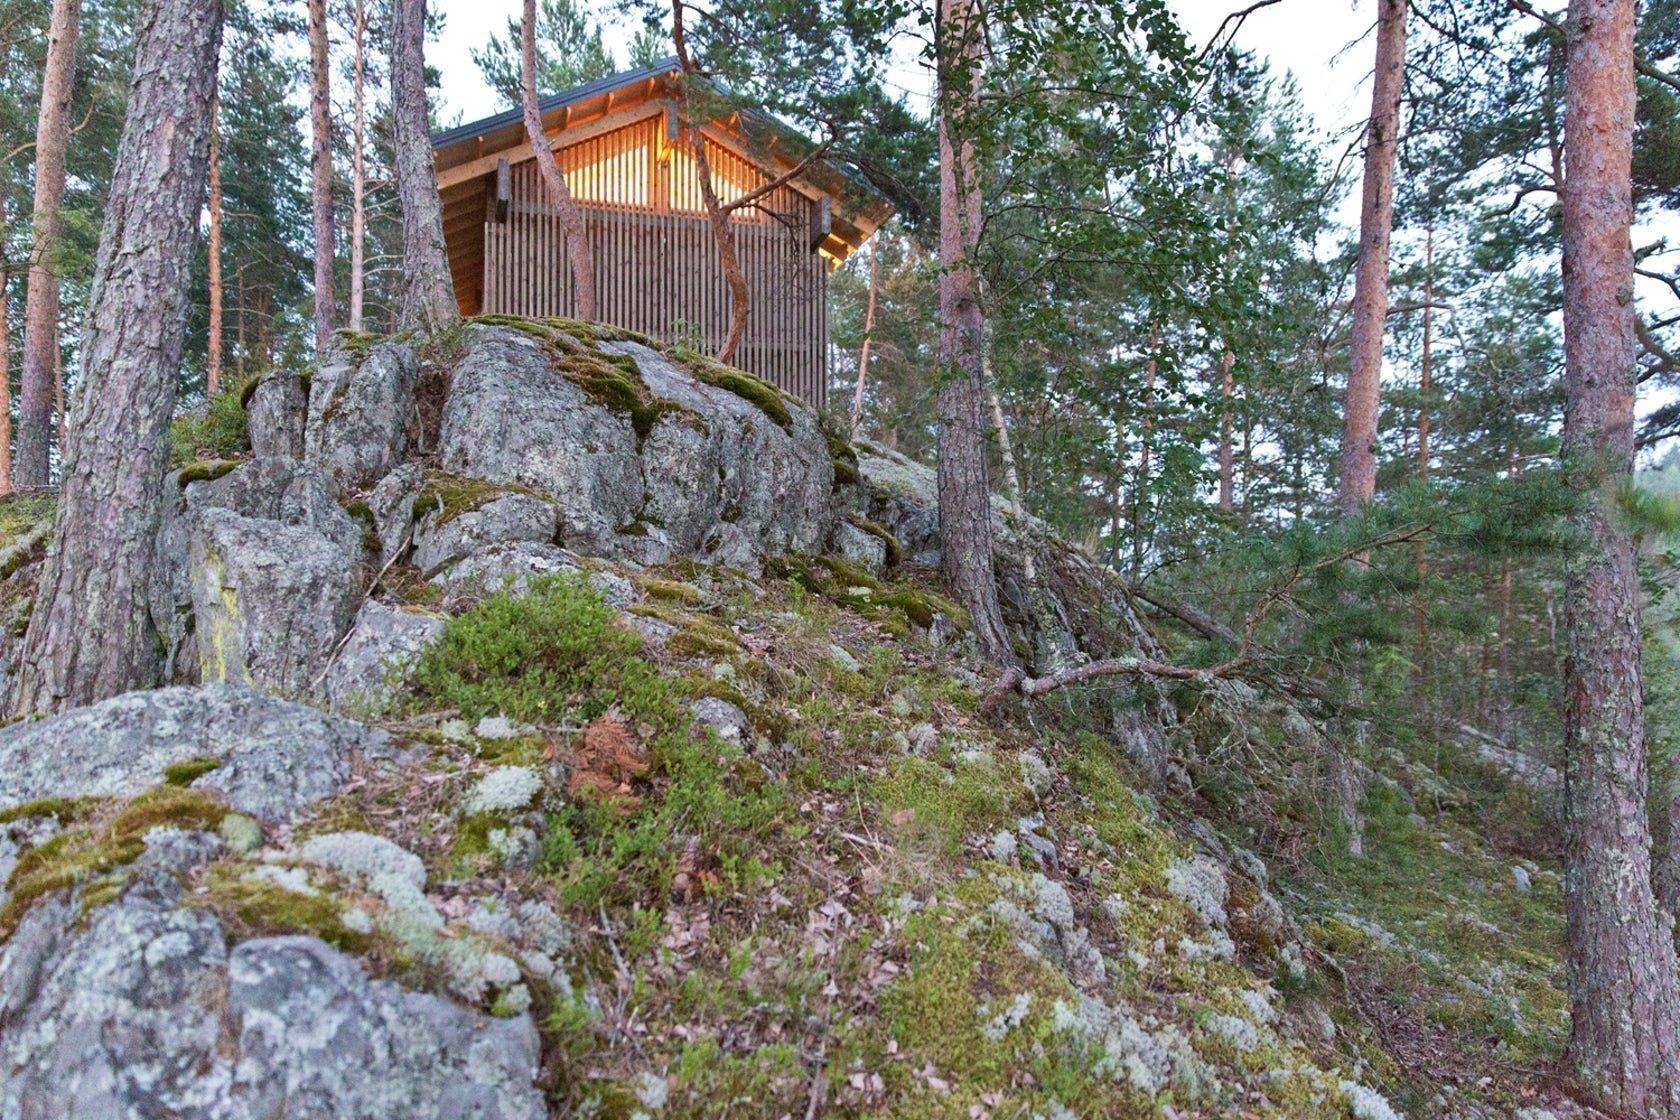 Chata na skále s výhledem na jezero